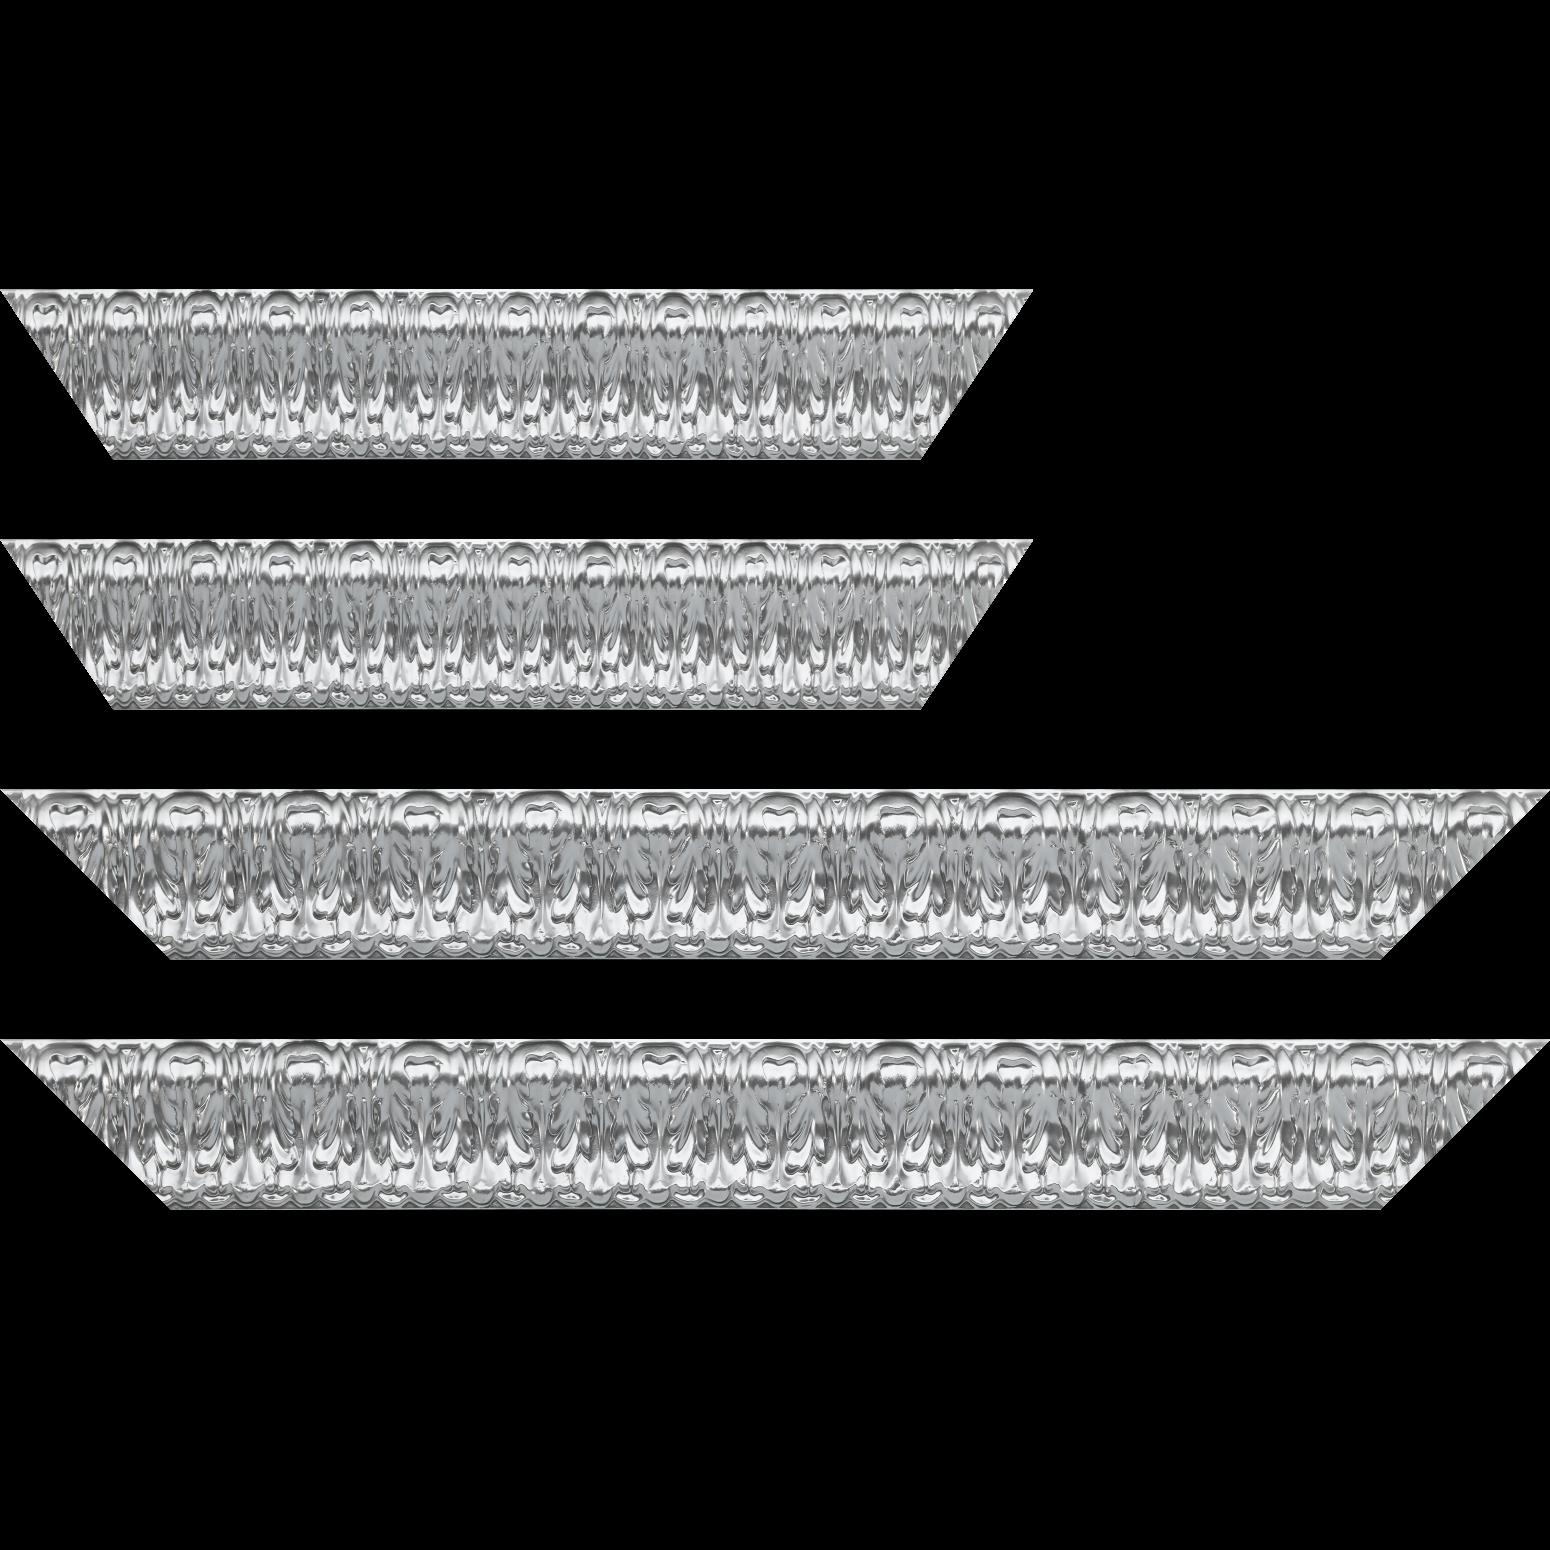 Baguette service précoupé Bois profil incurvé largeur 5.3cm couleur argent ckromé  style baroque